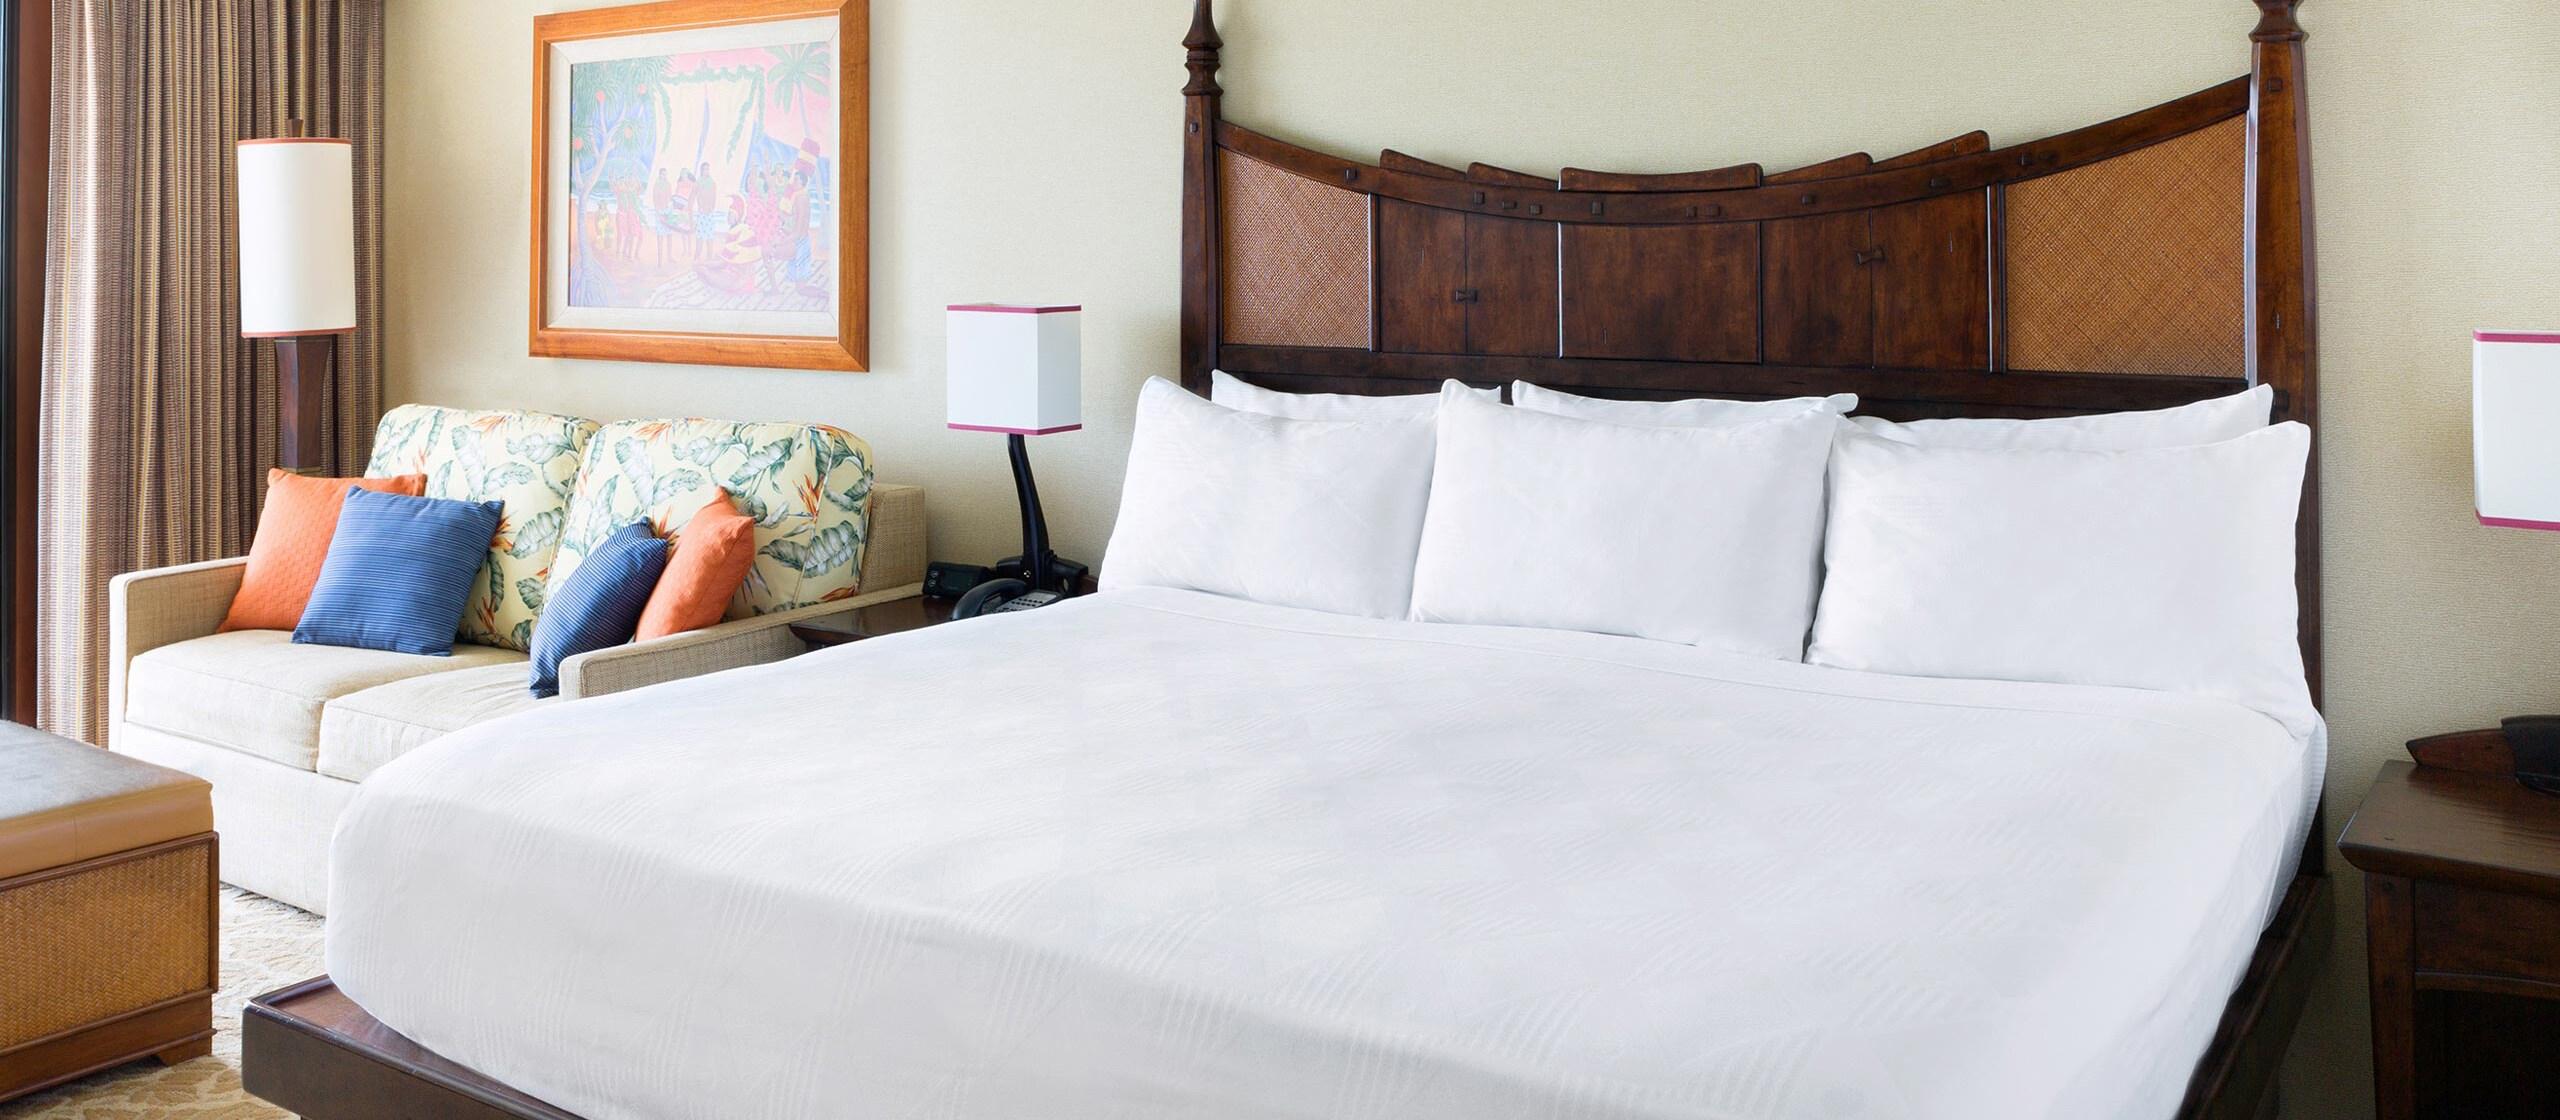 クイーンベッドが 2 台あり、椰子の木の眺めを楽しめる、アウラニ・リゾートのリゾートルーム